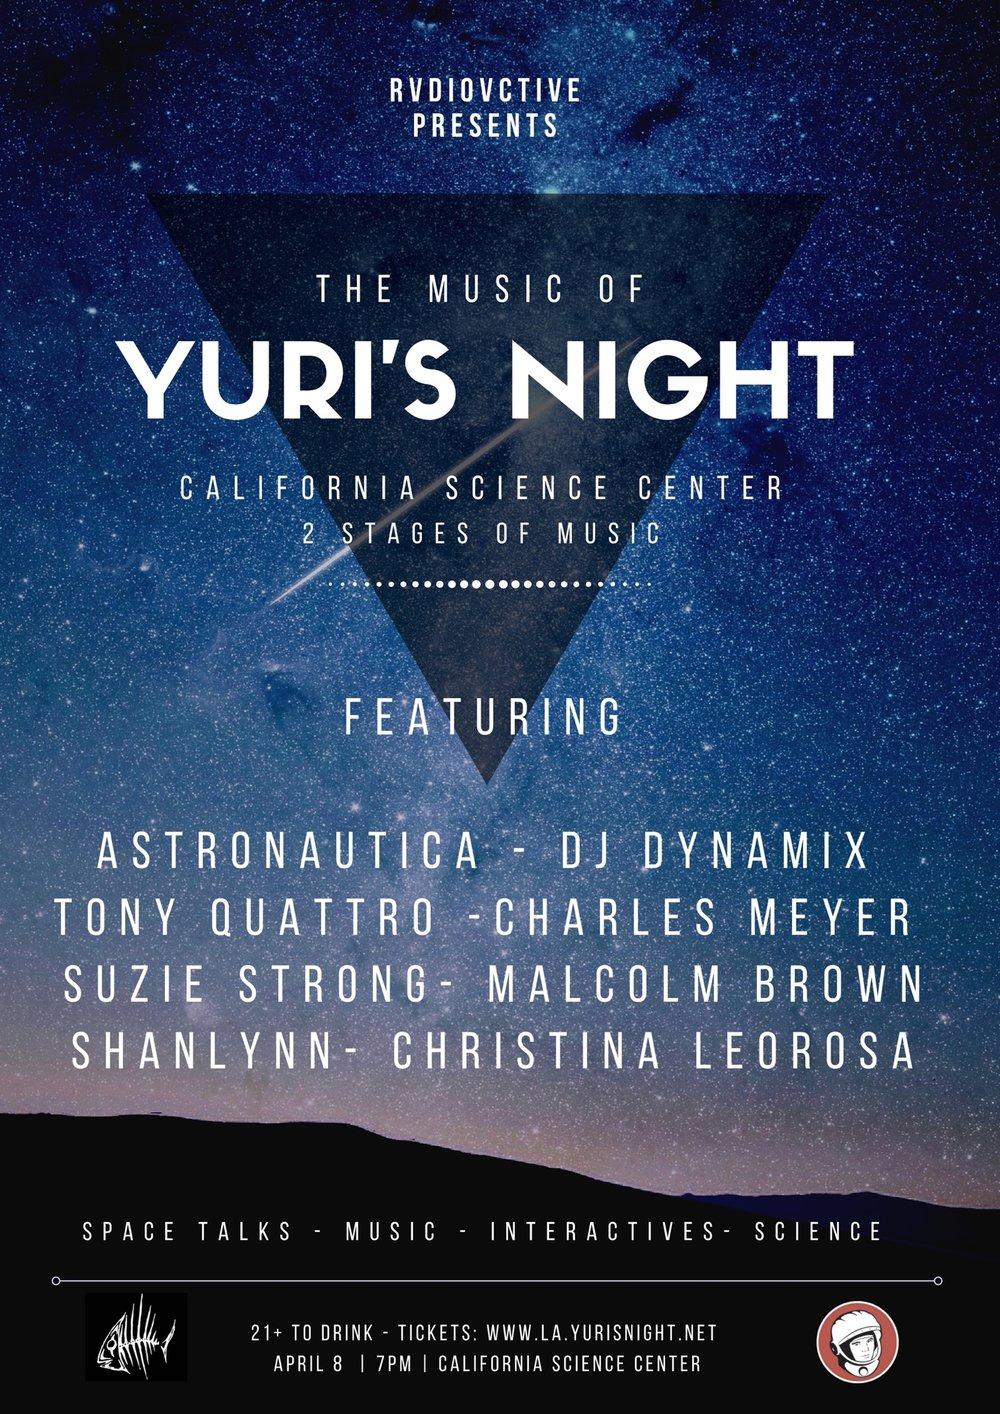 yuris night 2017.JPG